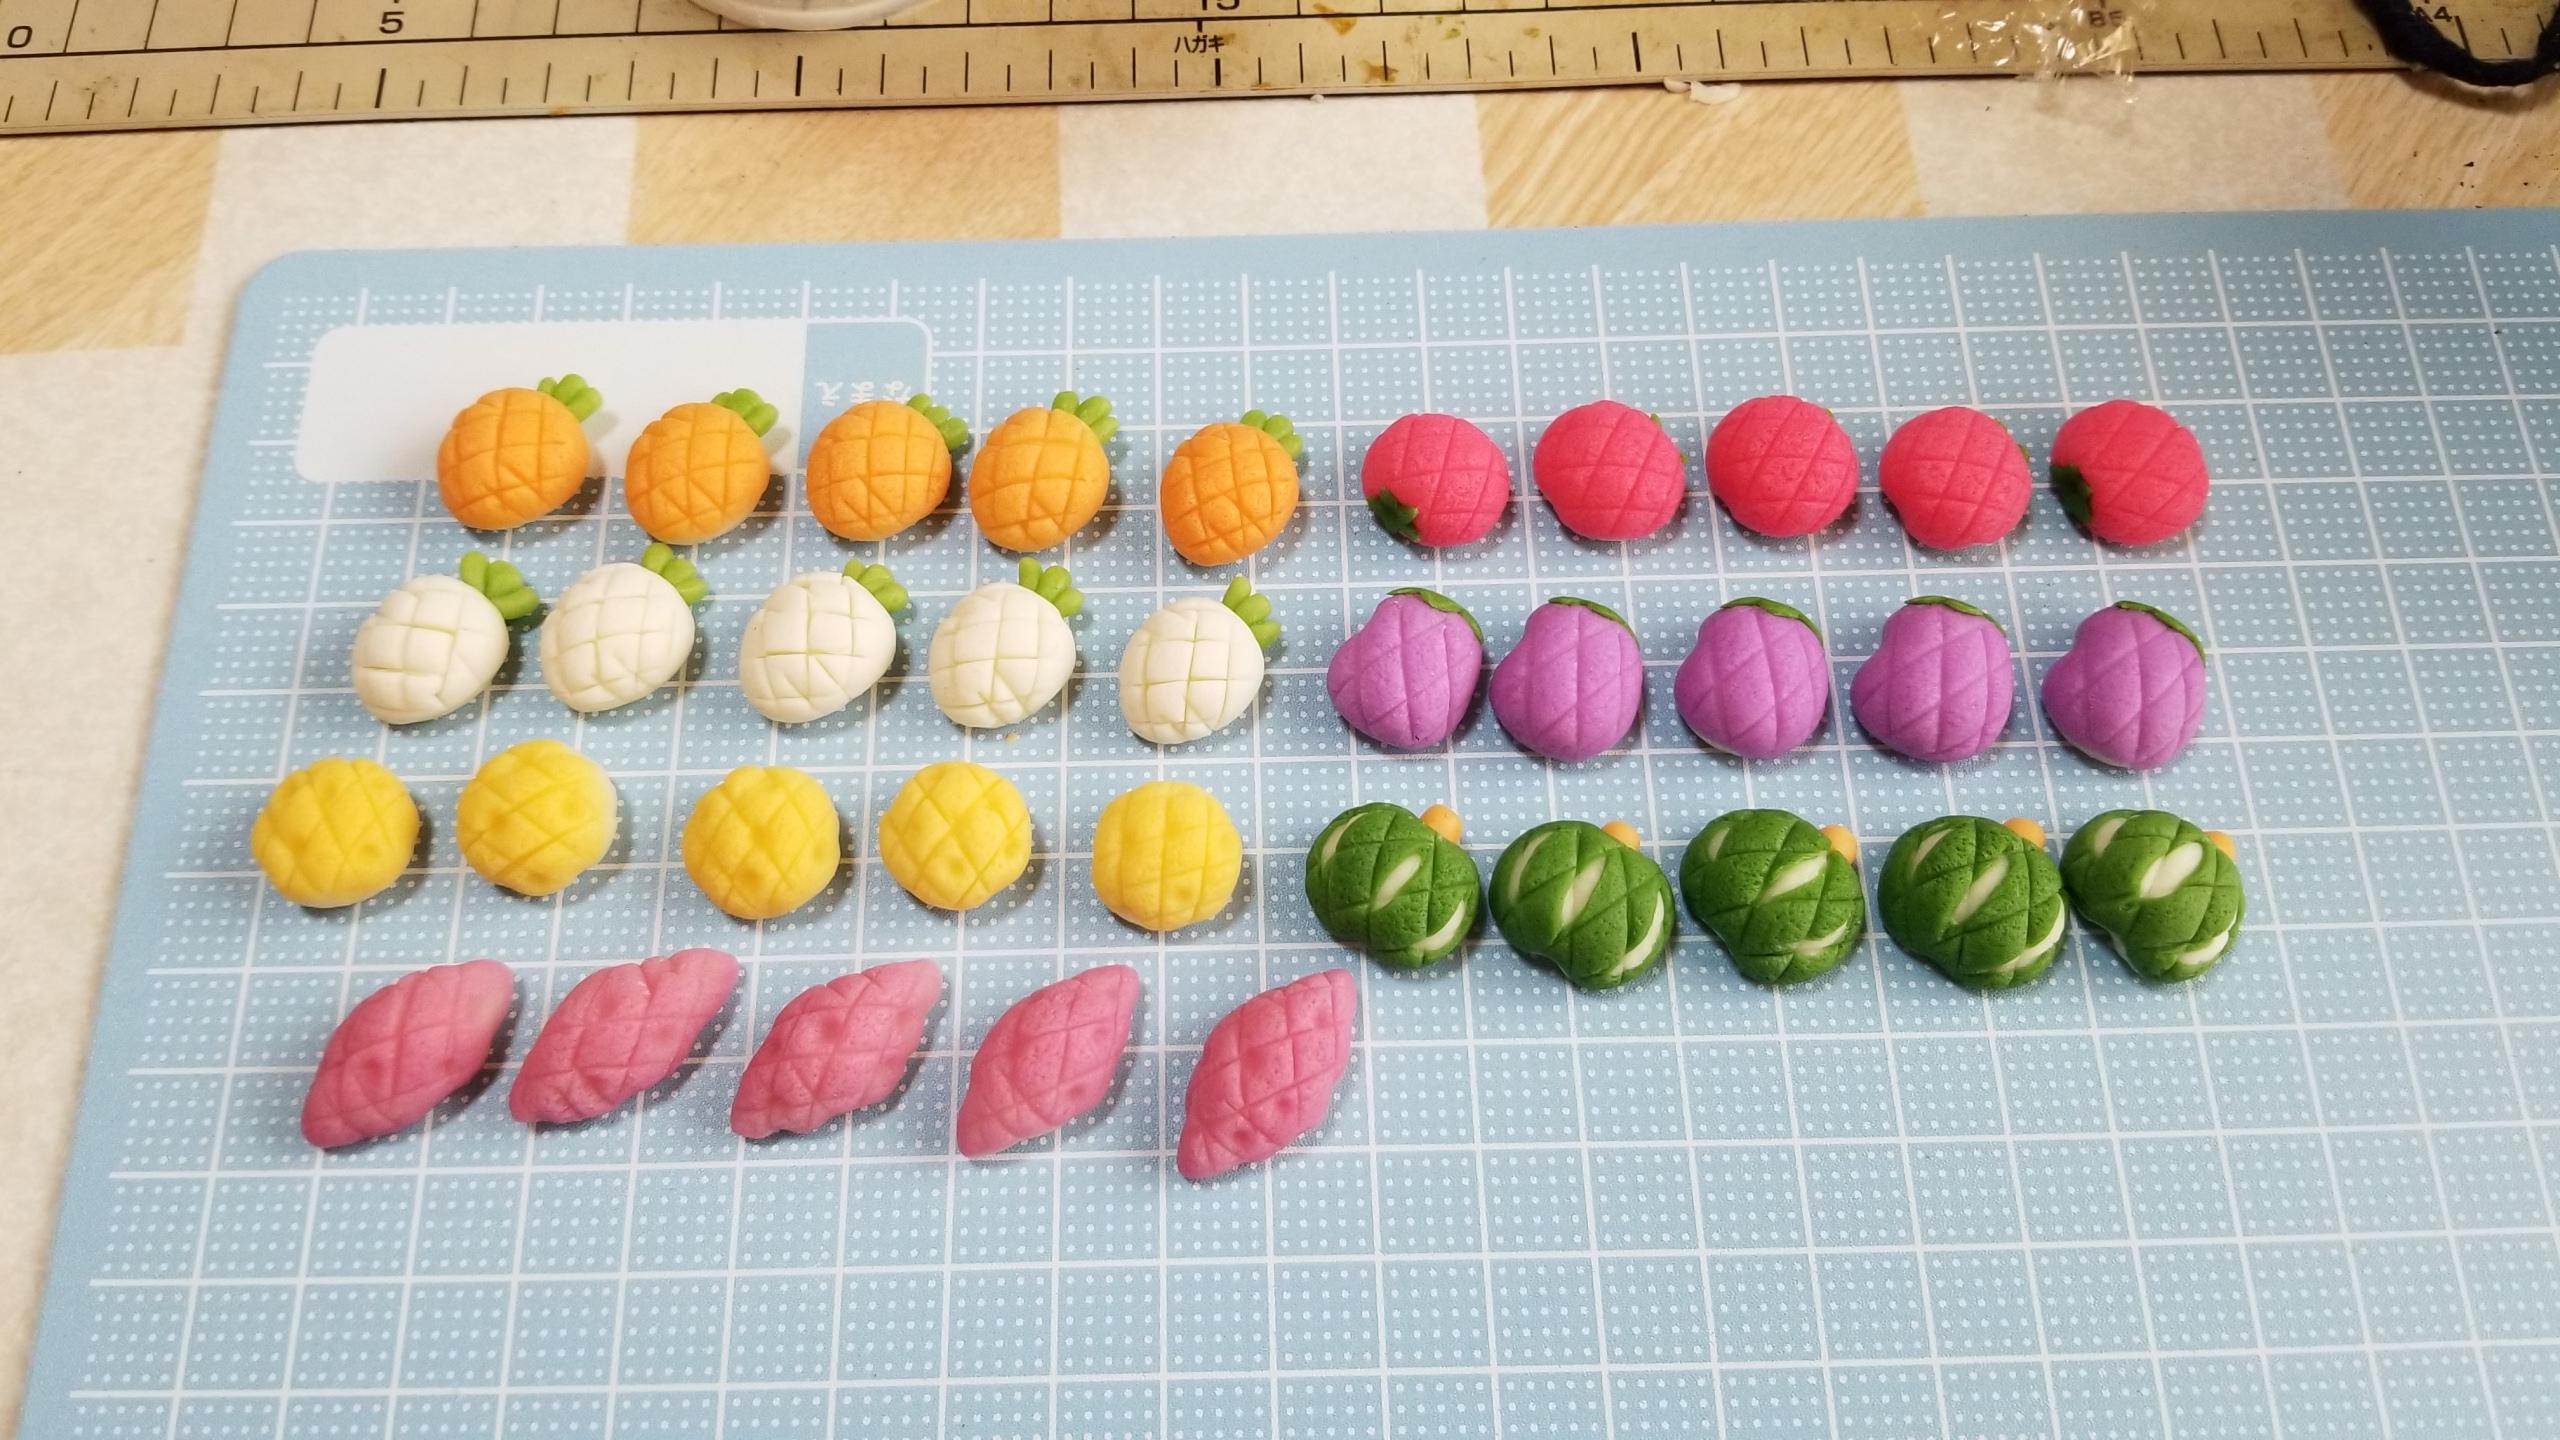 野菜メロンパン,ミニチュアフード,食品サンプル,シルバニア,オビツ11